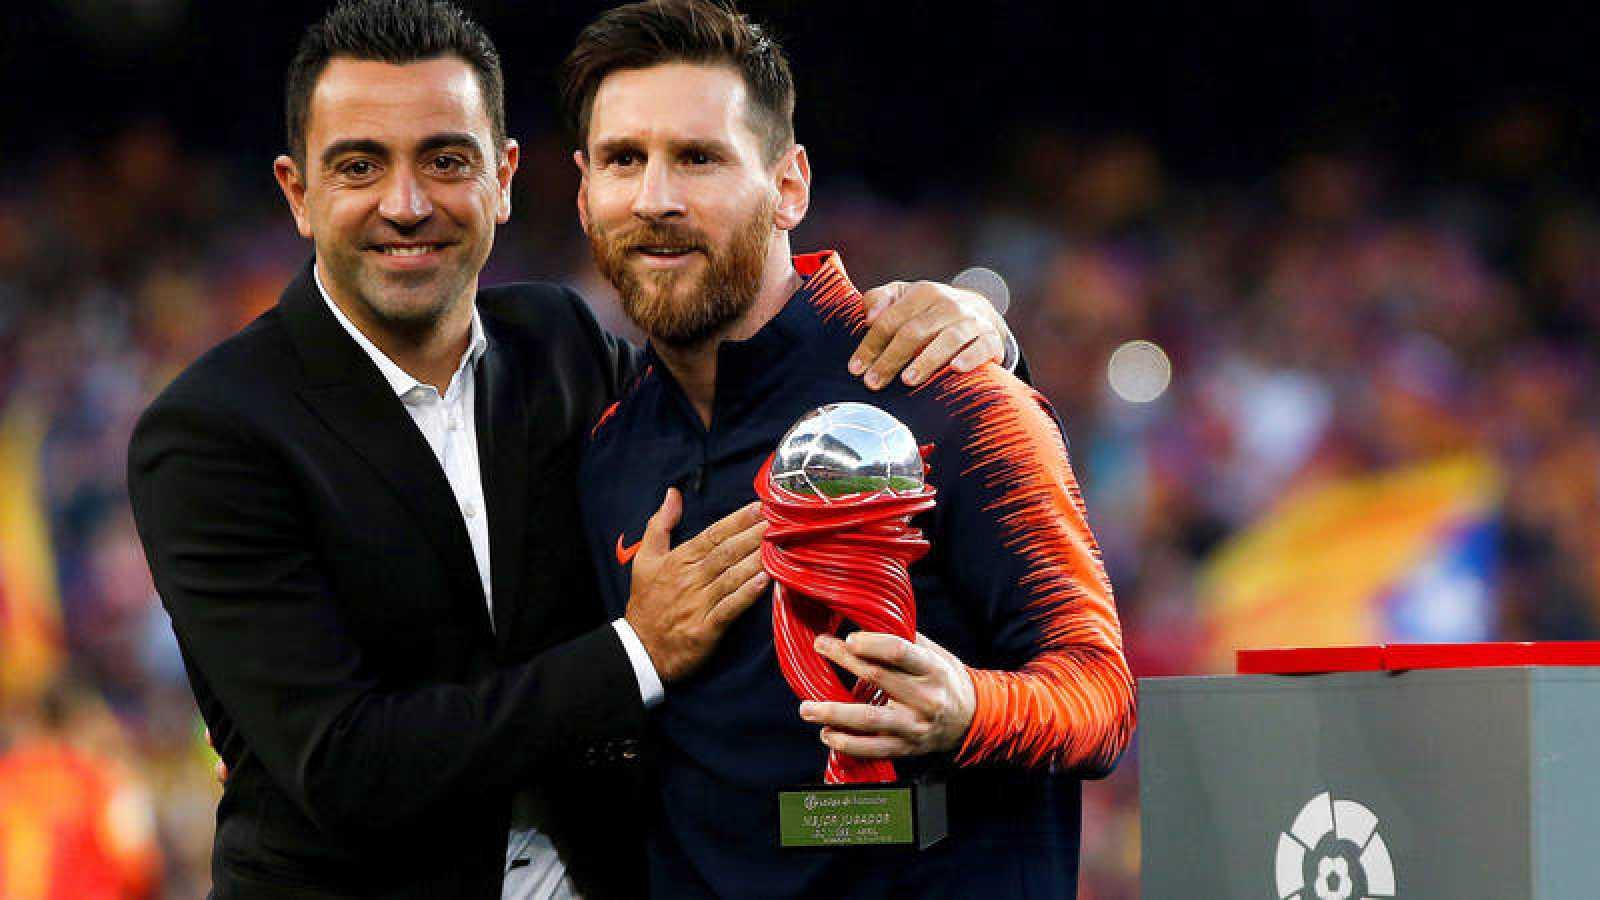 Xavi Hernández entrega a Messi el premio a mejor jugador del Mess.